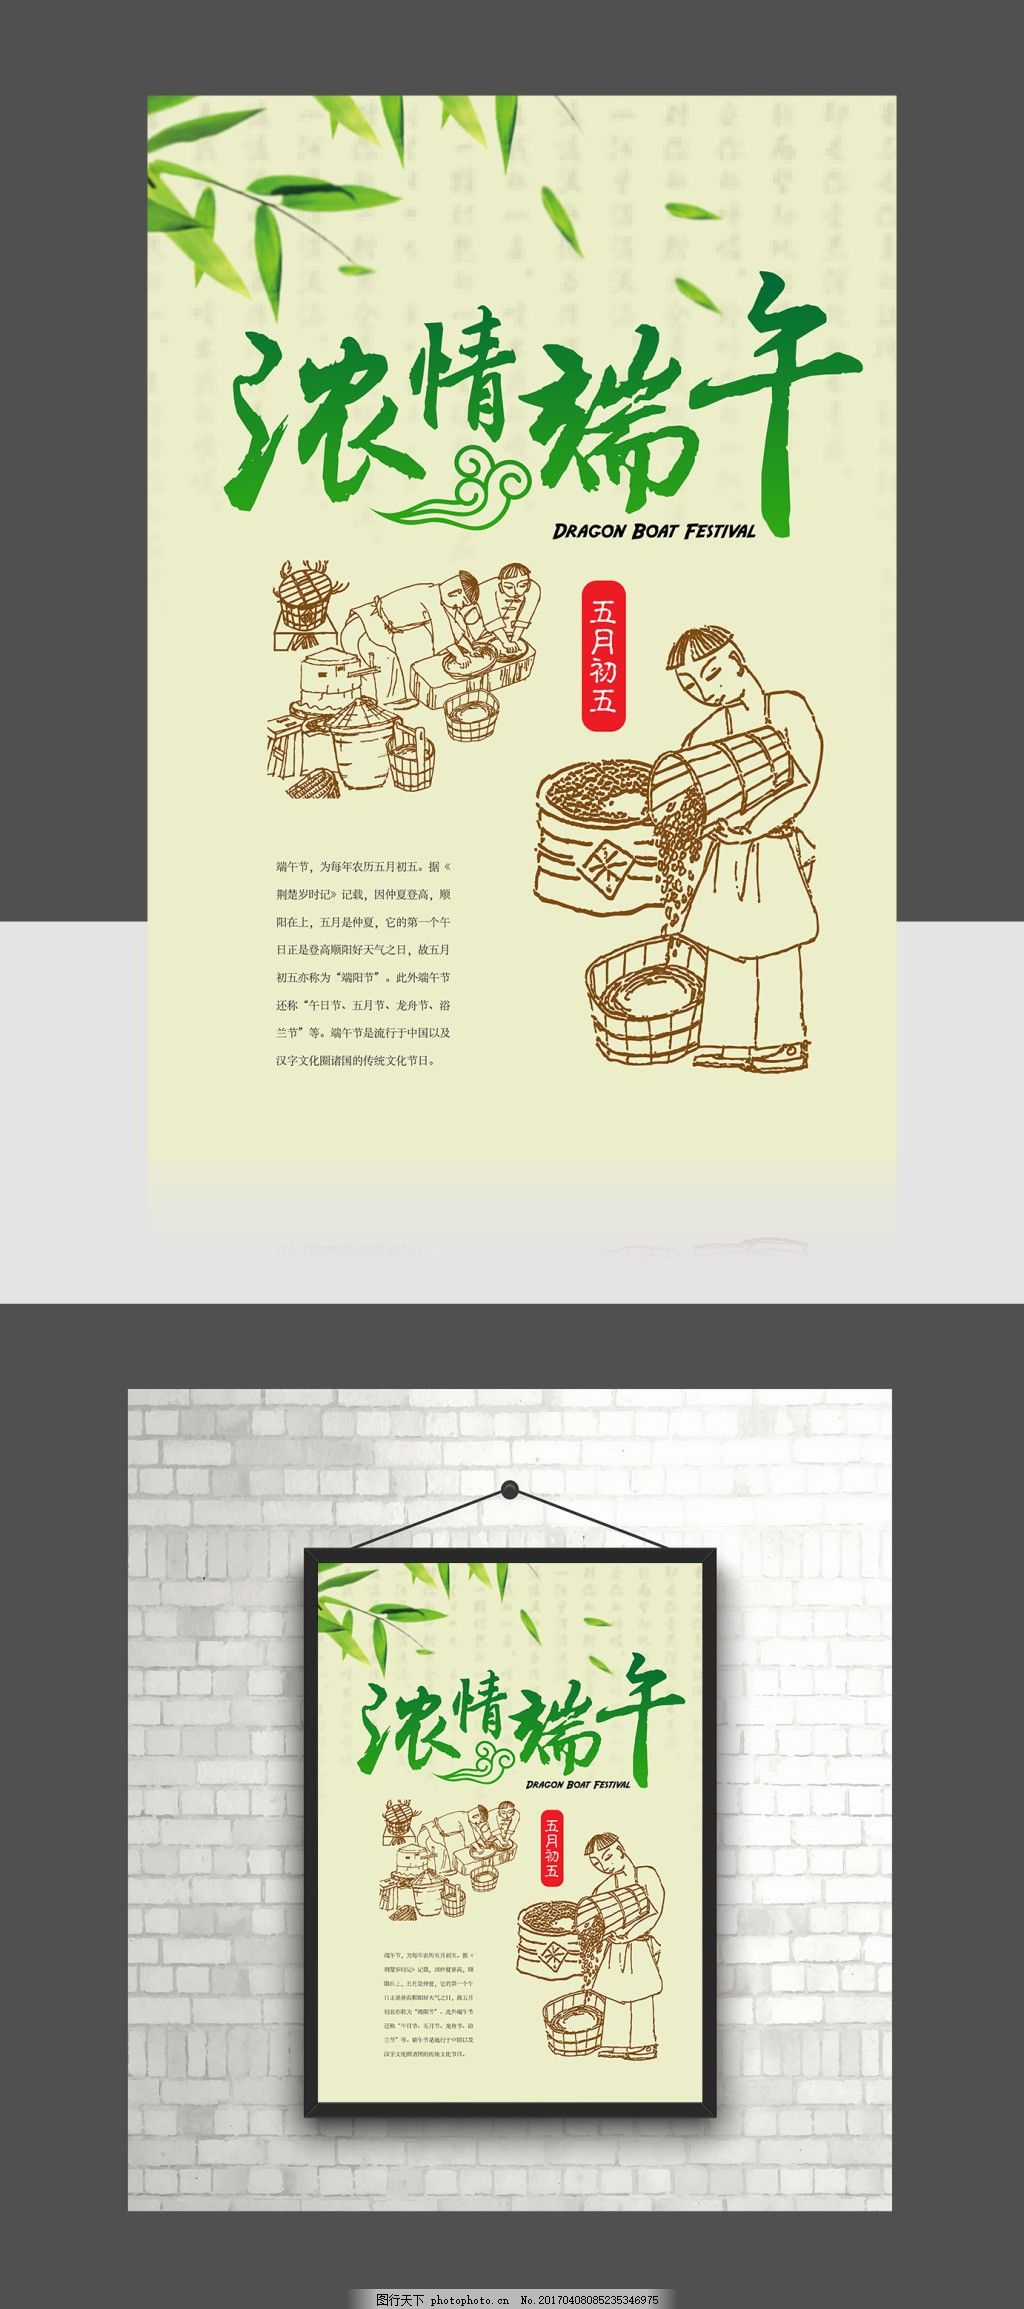 端午节 端午节海报 端午节素材 端午节展板 海报排版设计 粽子节 竹叶